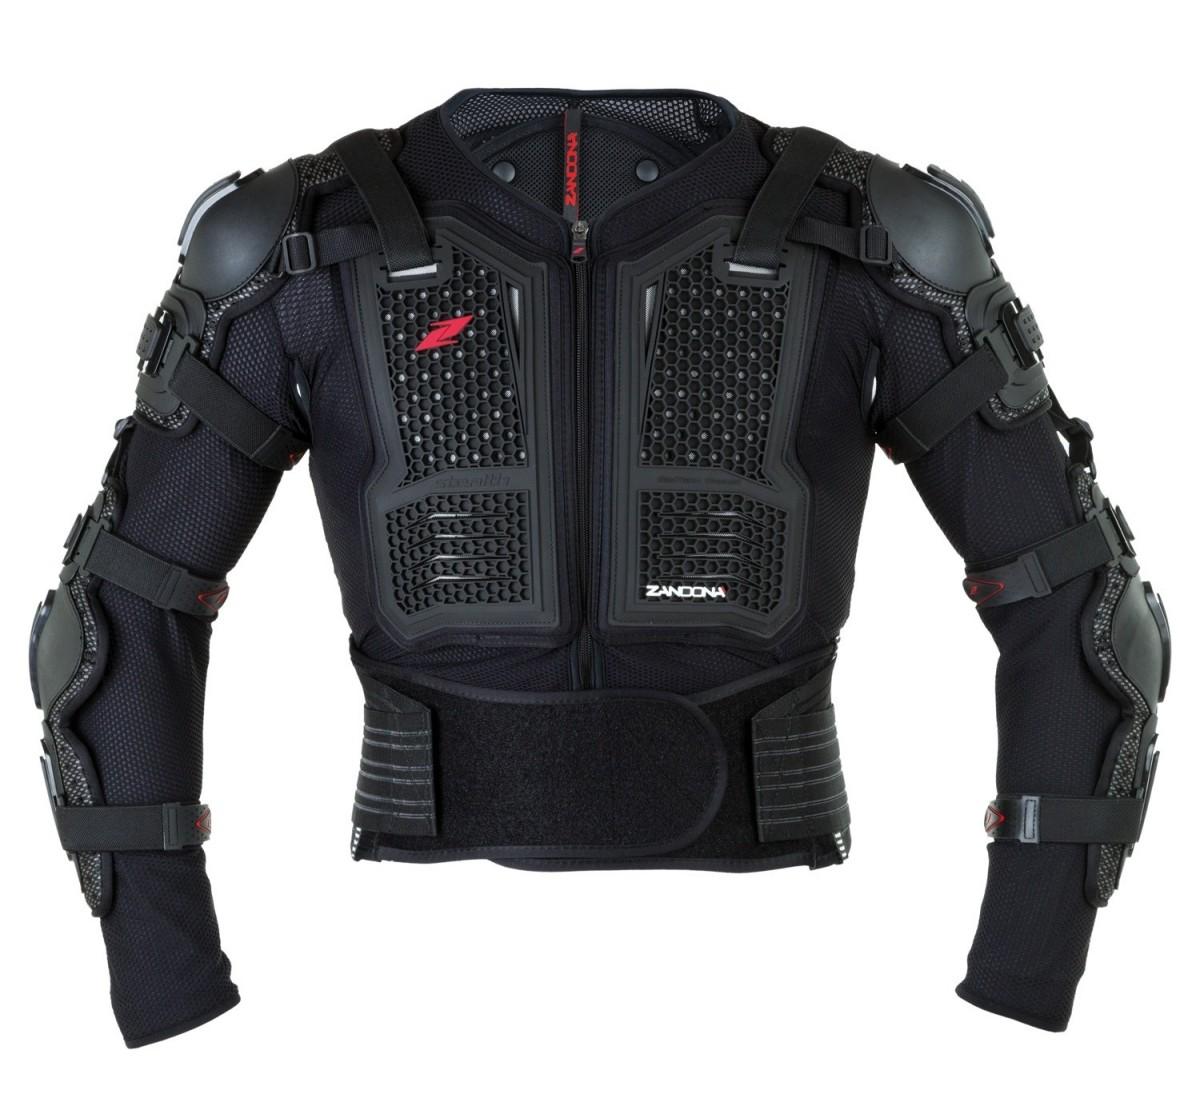 Zandona Stealth protection Jacket, 9 plates, L